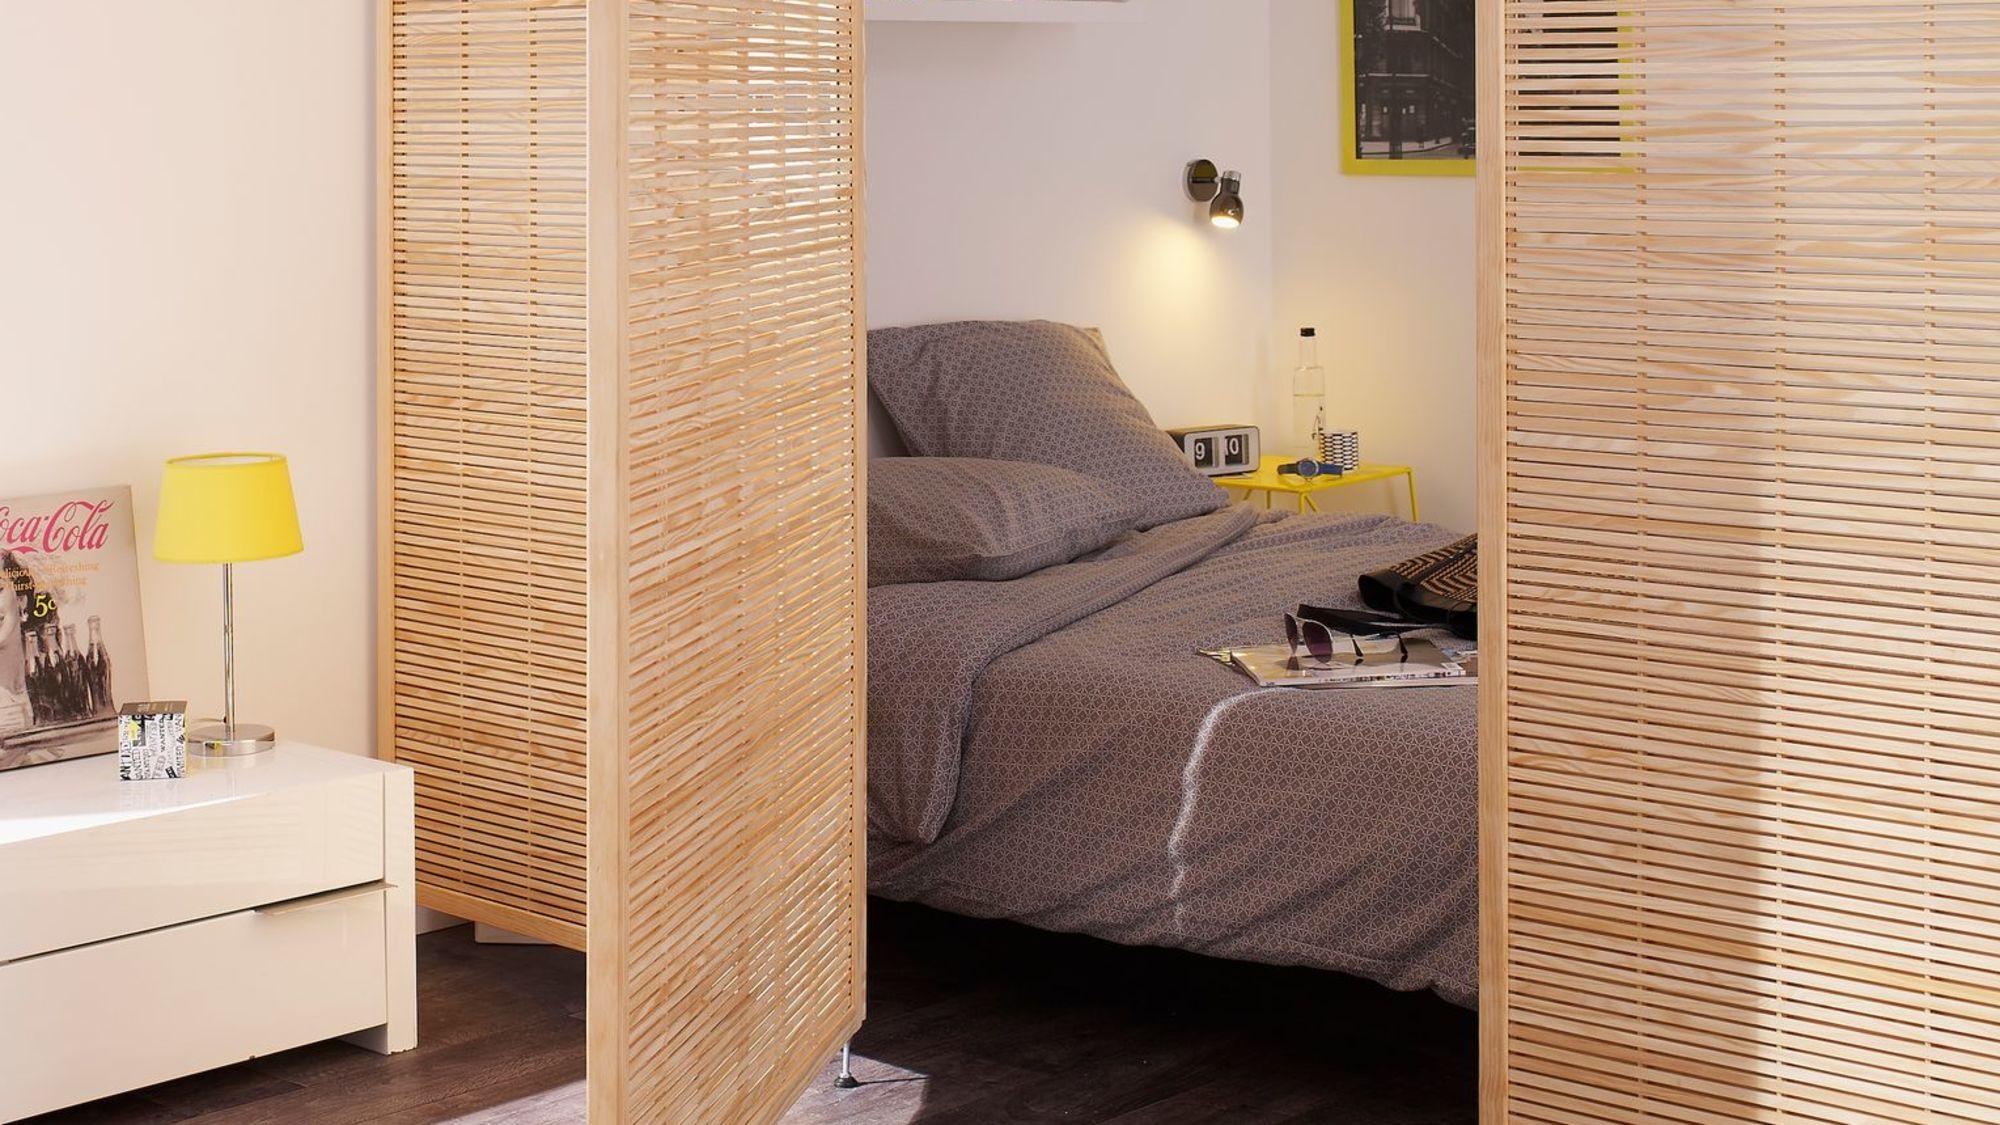 Separer Une Chambre D Un Salon brico/deco] séparer des espaces sans cloison : quelles sont